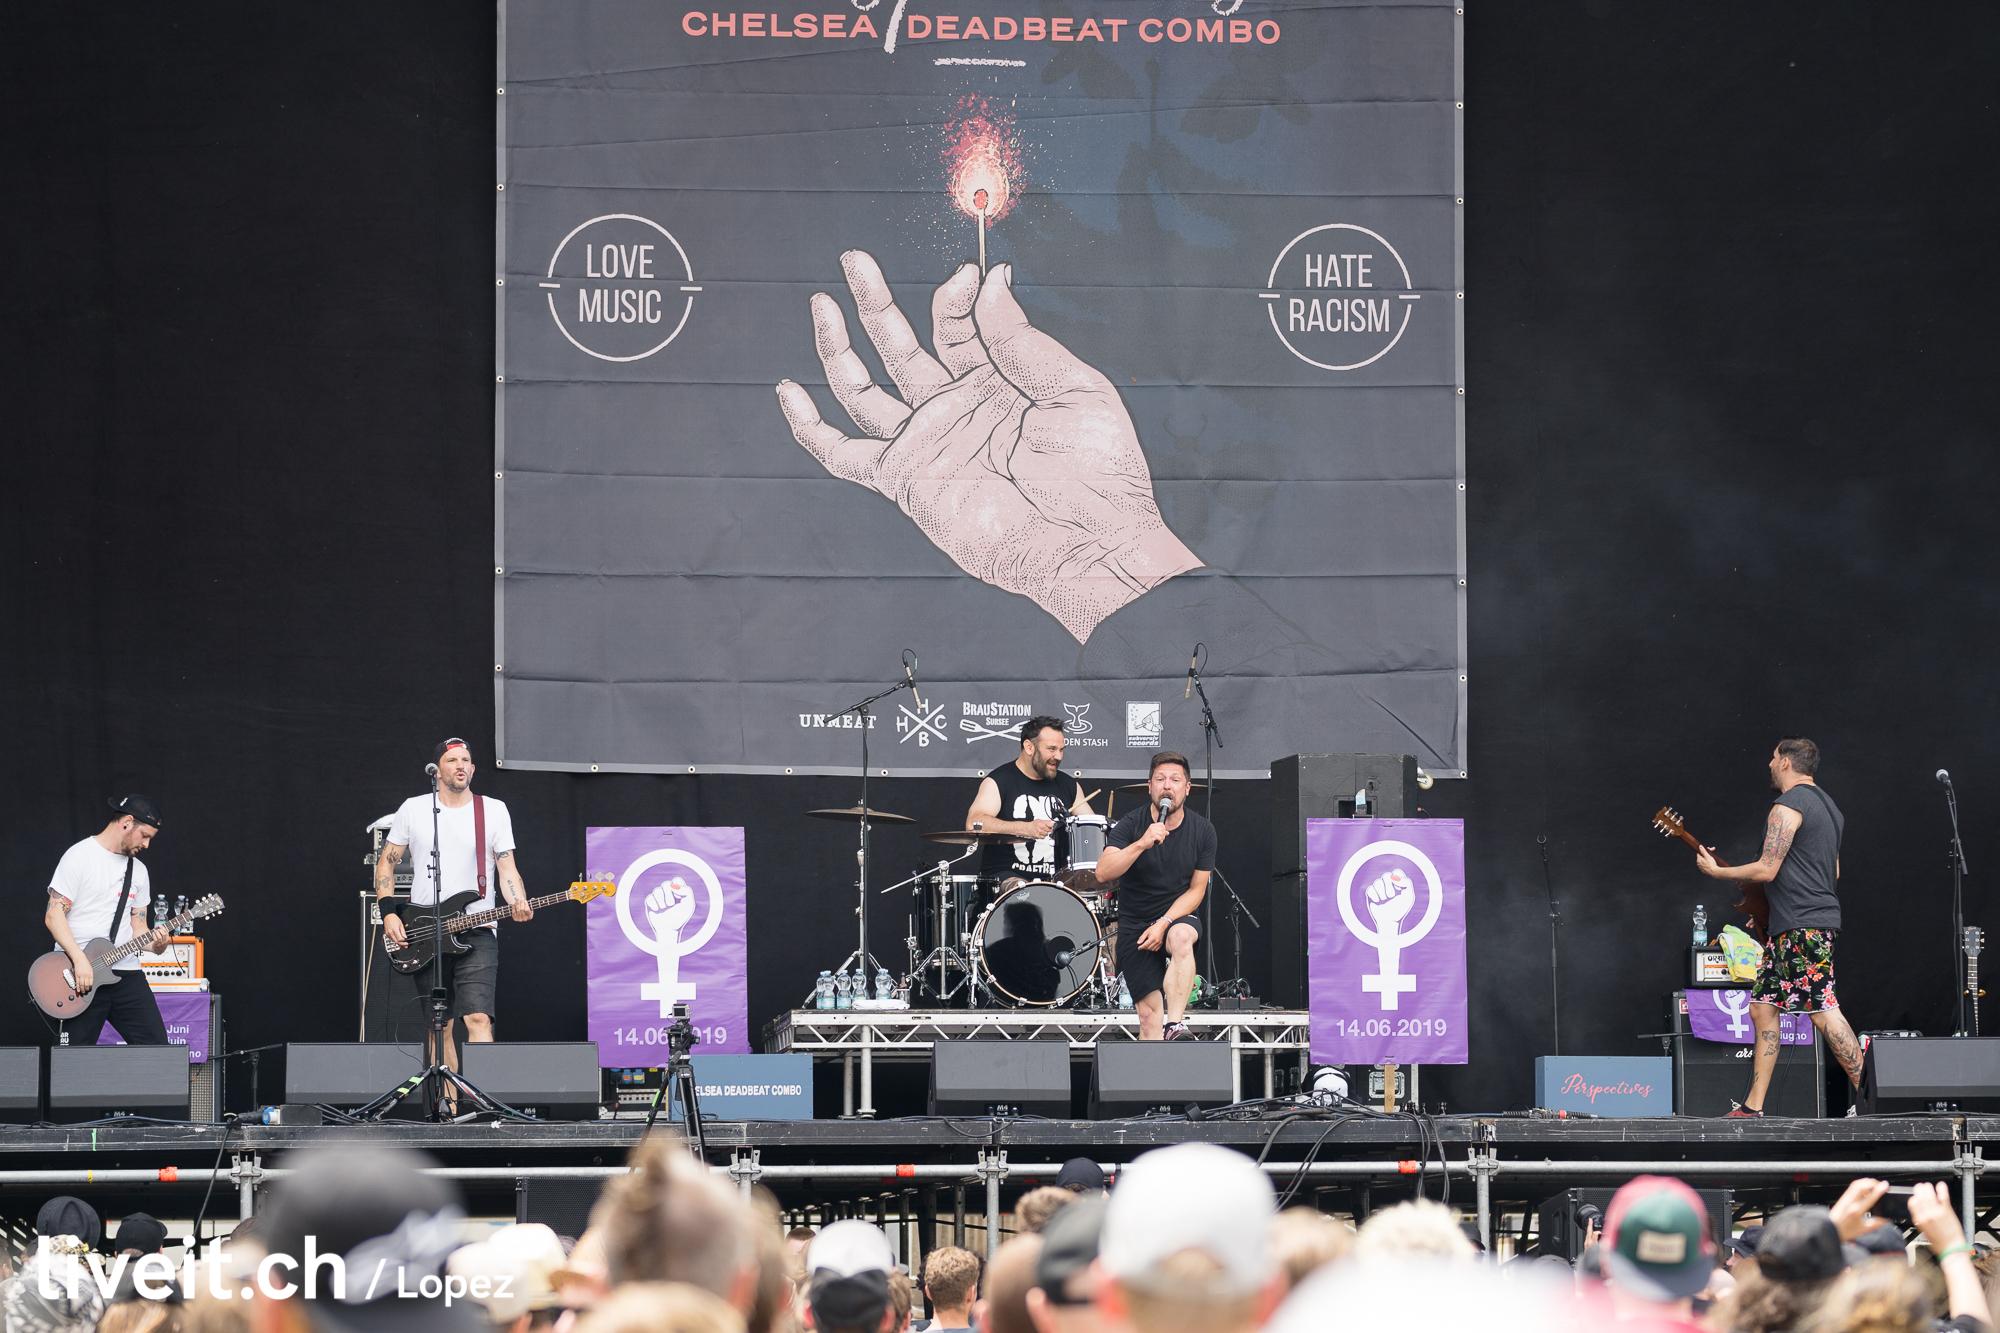 SCHWEIZ GREENFIELD FESTIVAL 2019 Chelsea Deadbeat Combo